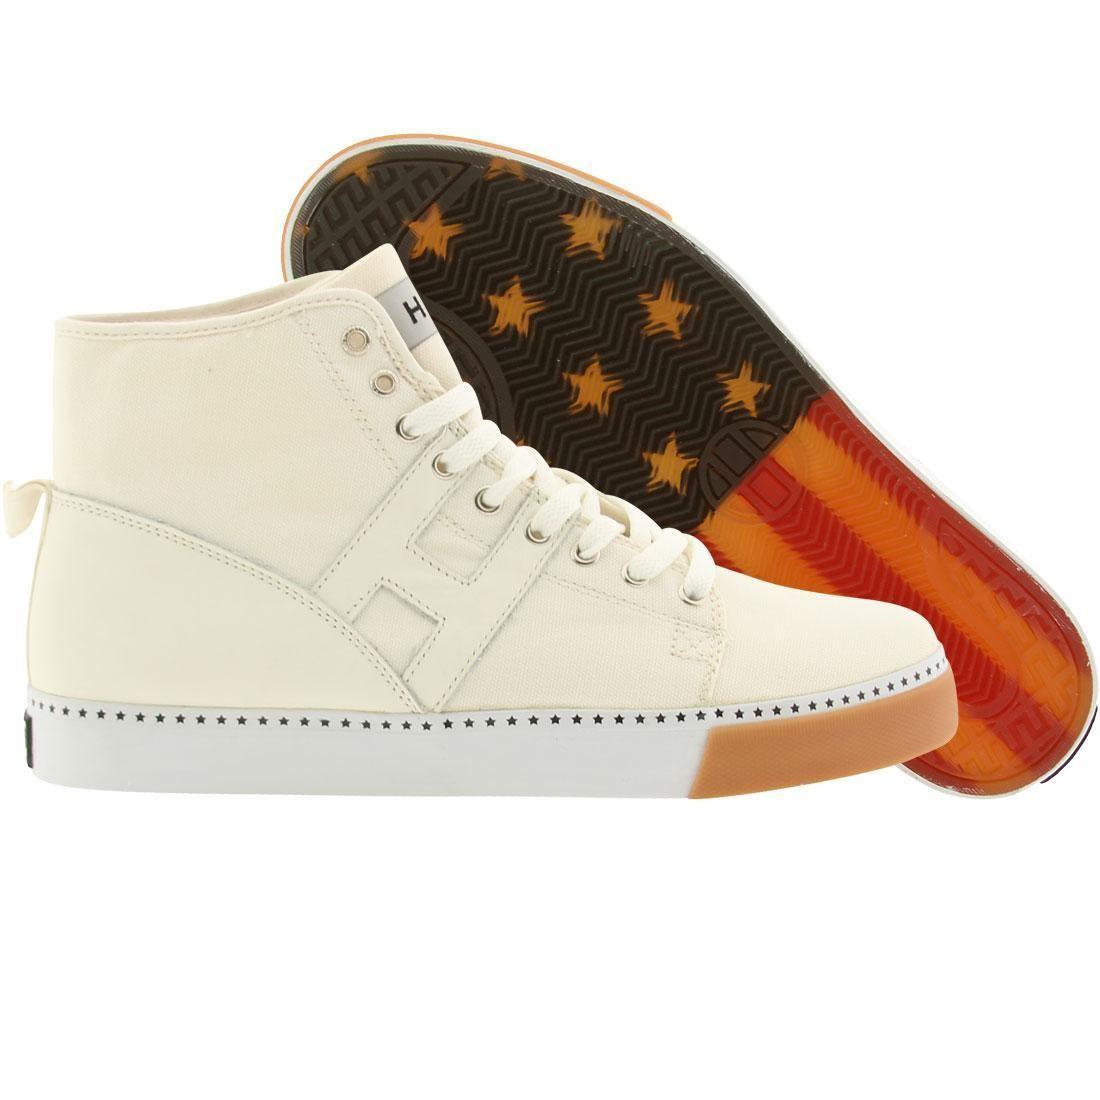 【海外限定】ハフ 靴 メンズ靴 【 HUF HUPPER STAR PACK NATURAL GUM 】